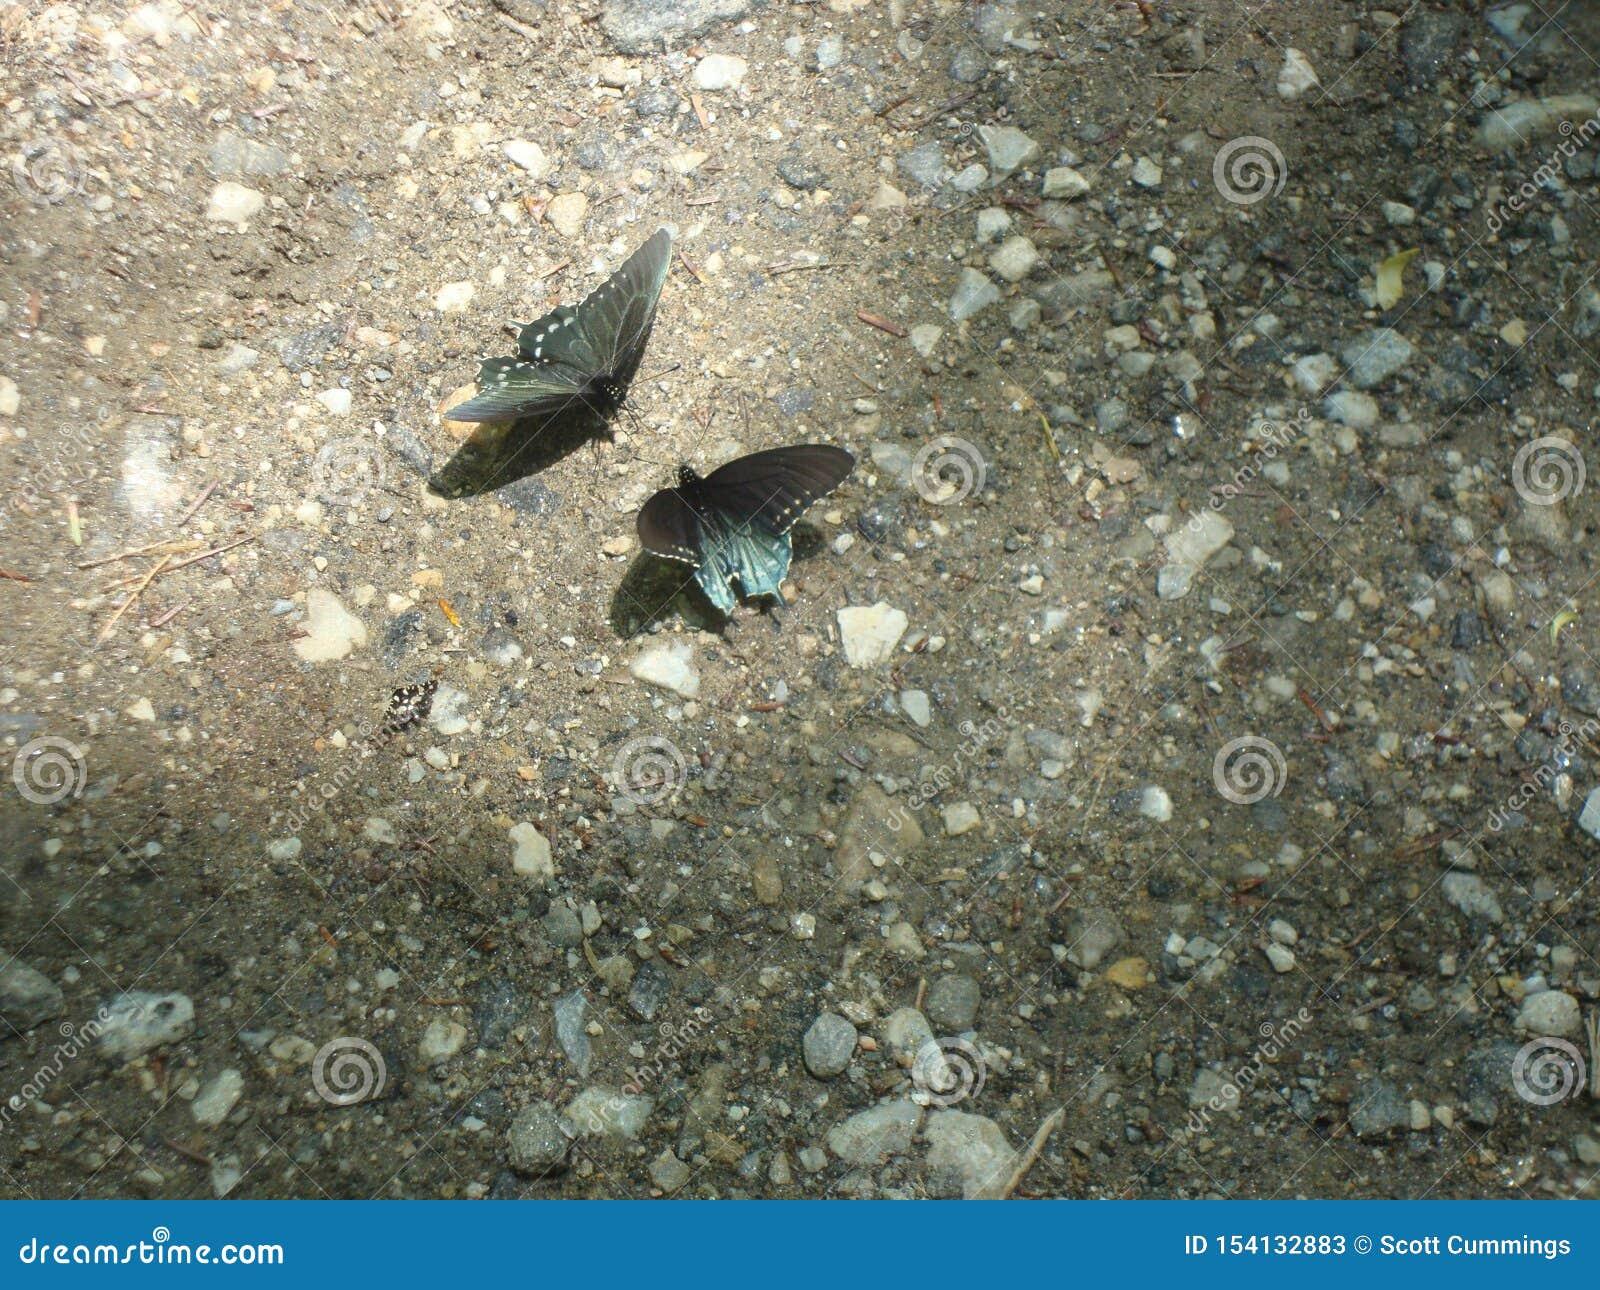 Frühjahr in Nord-Carolina Smokies: Zwei Schmetterlinge Pipevine Swallowtail stellen weg auf einer Spur gegenüber